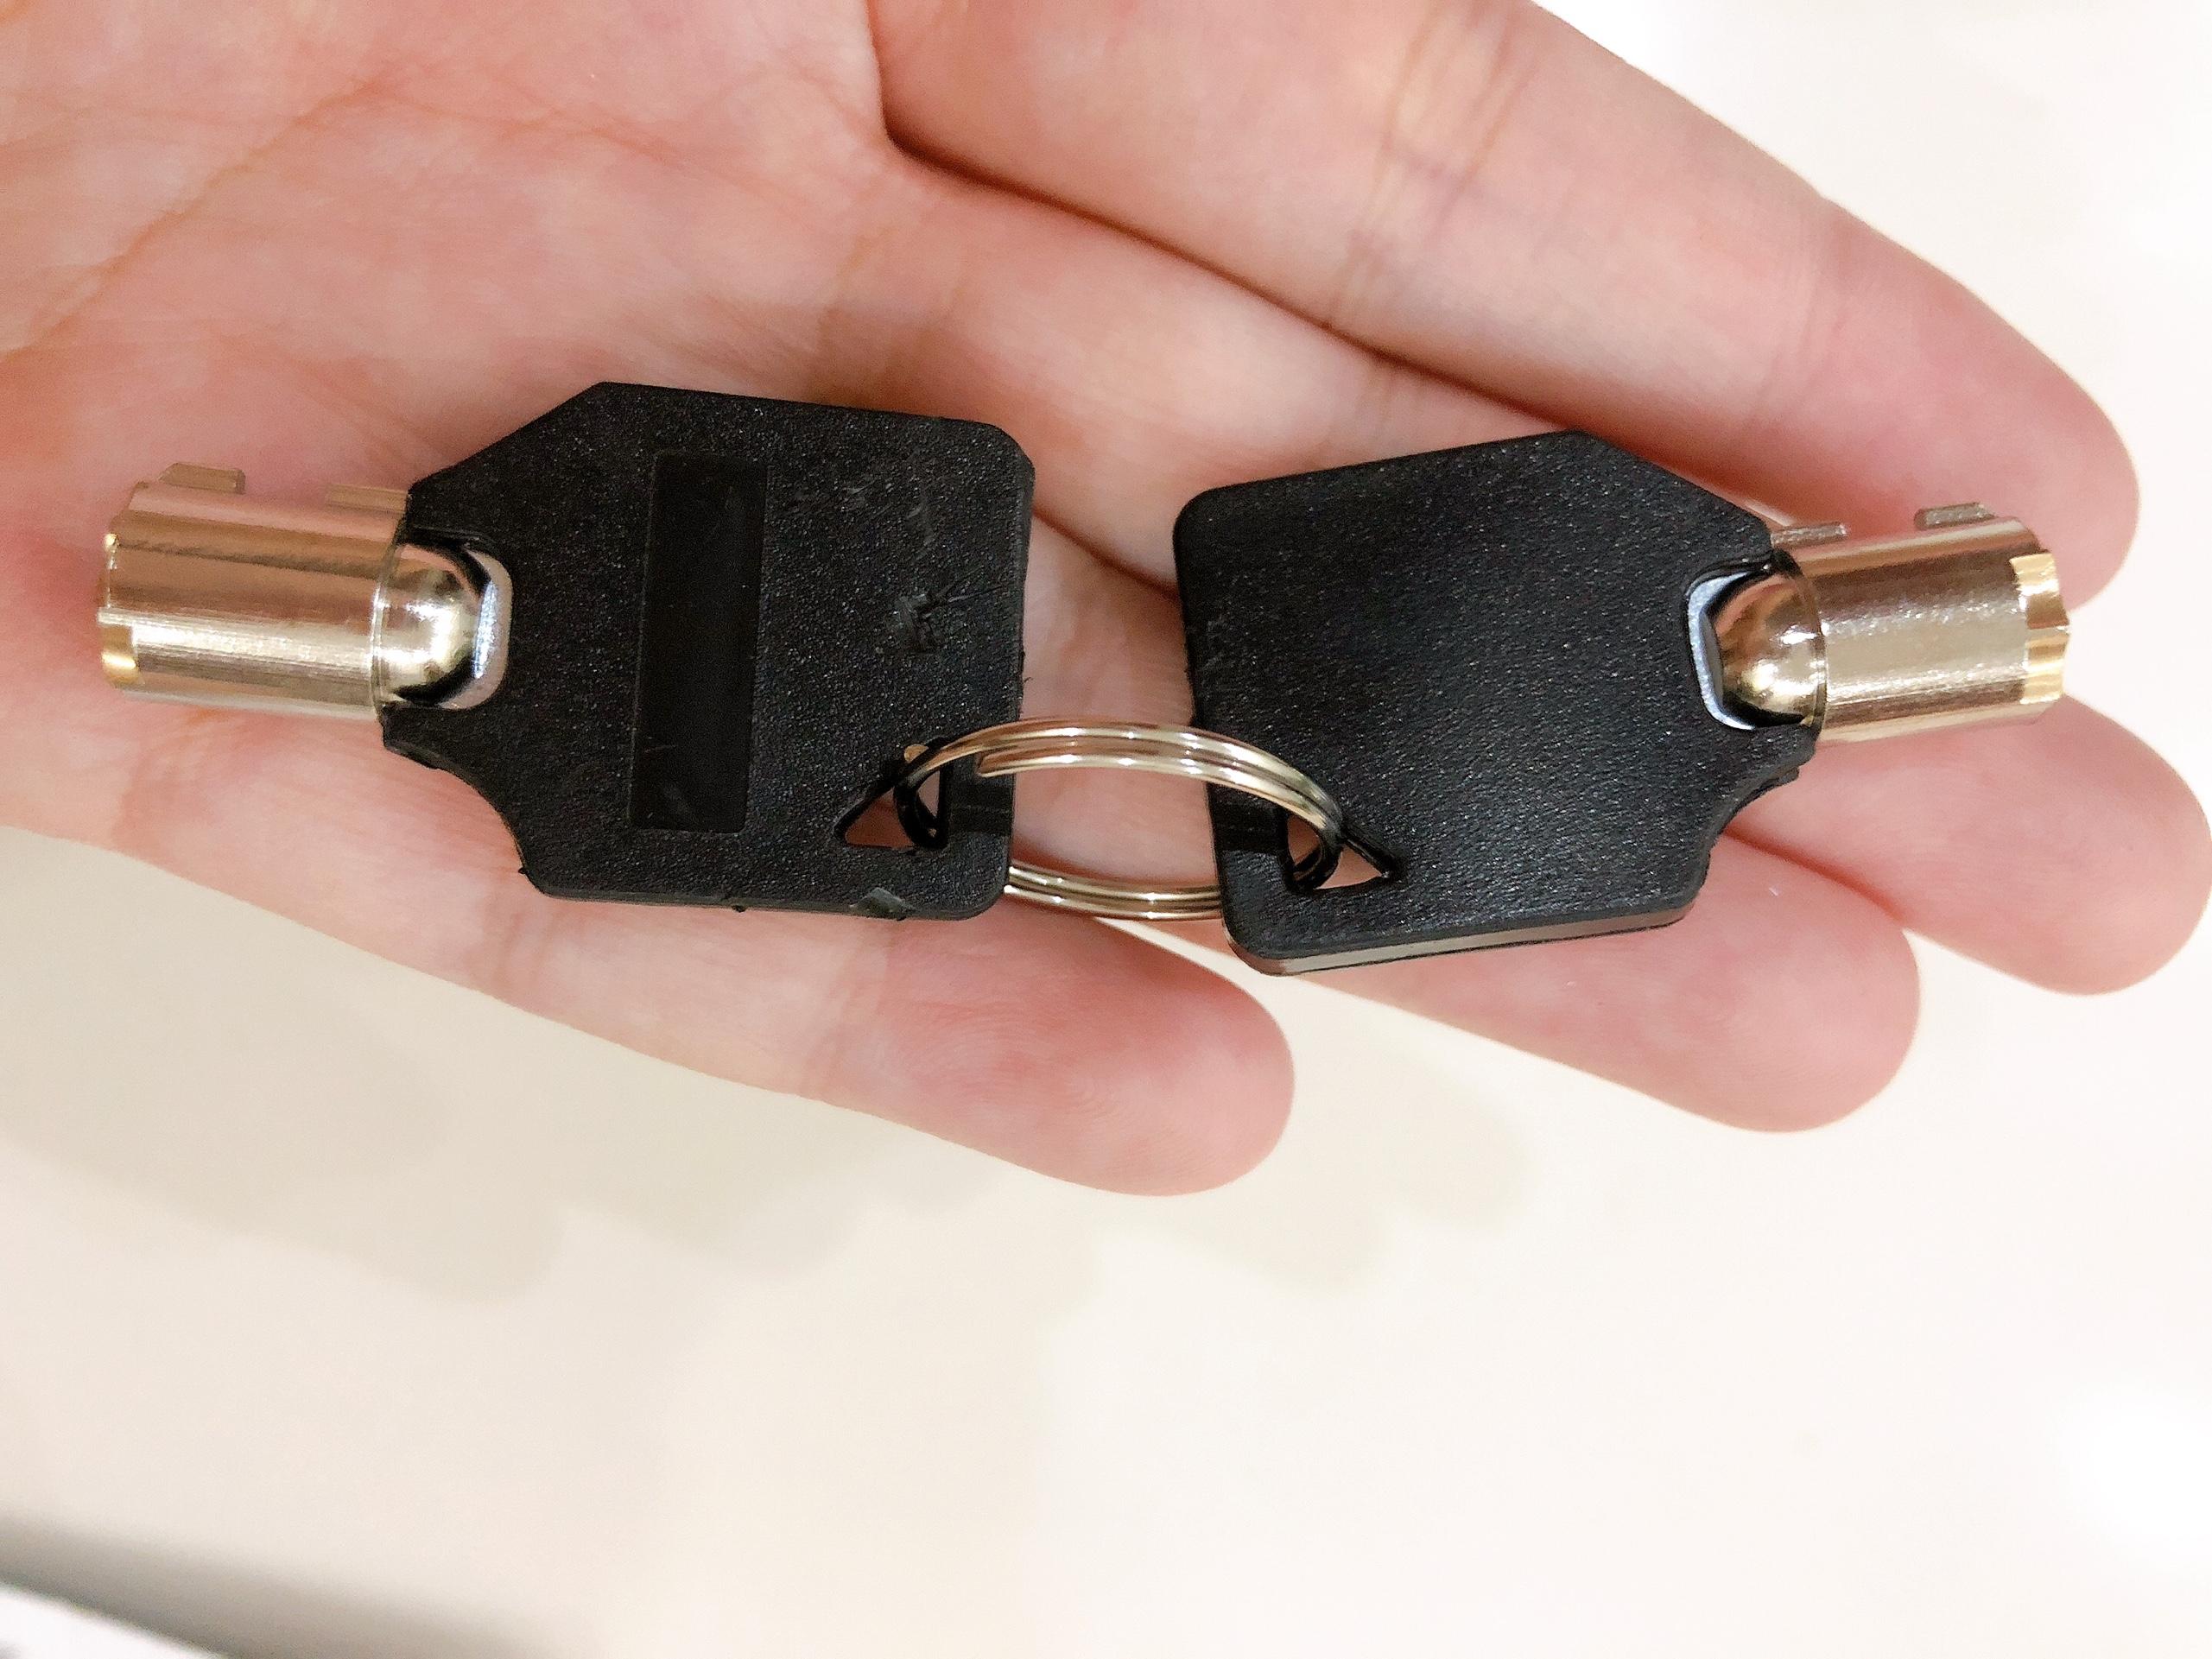 Ổ khóa đĩa hợp kim nhôm (cốt khóa inox) chống trộm dùng được cho mọi loại xe máy gồm 1 ổ khóa và 2 chìa khóa - màu giao ngẫu nhiên